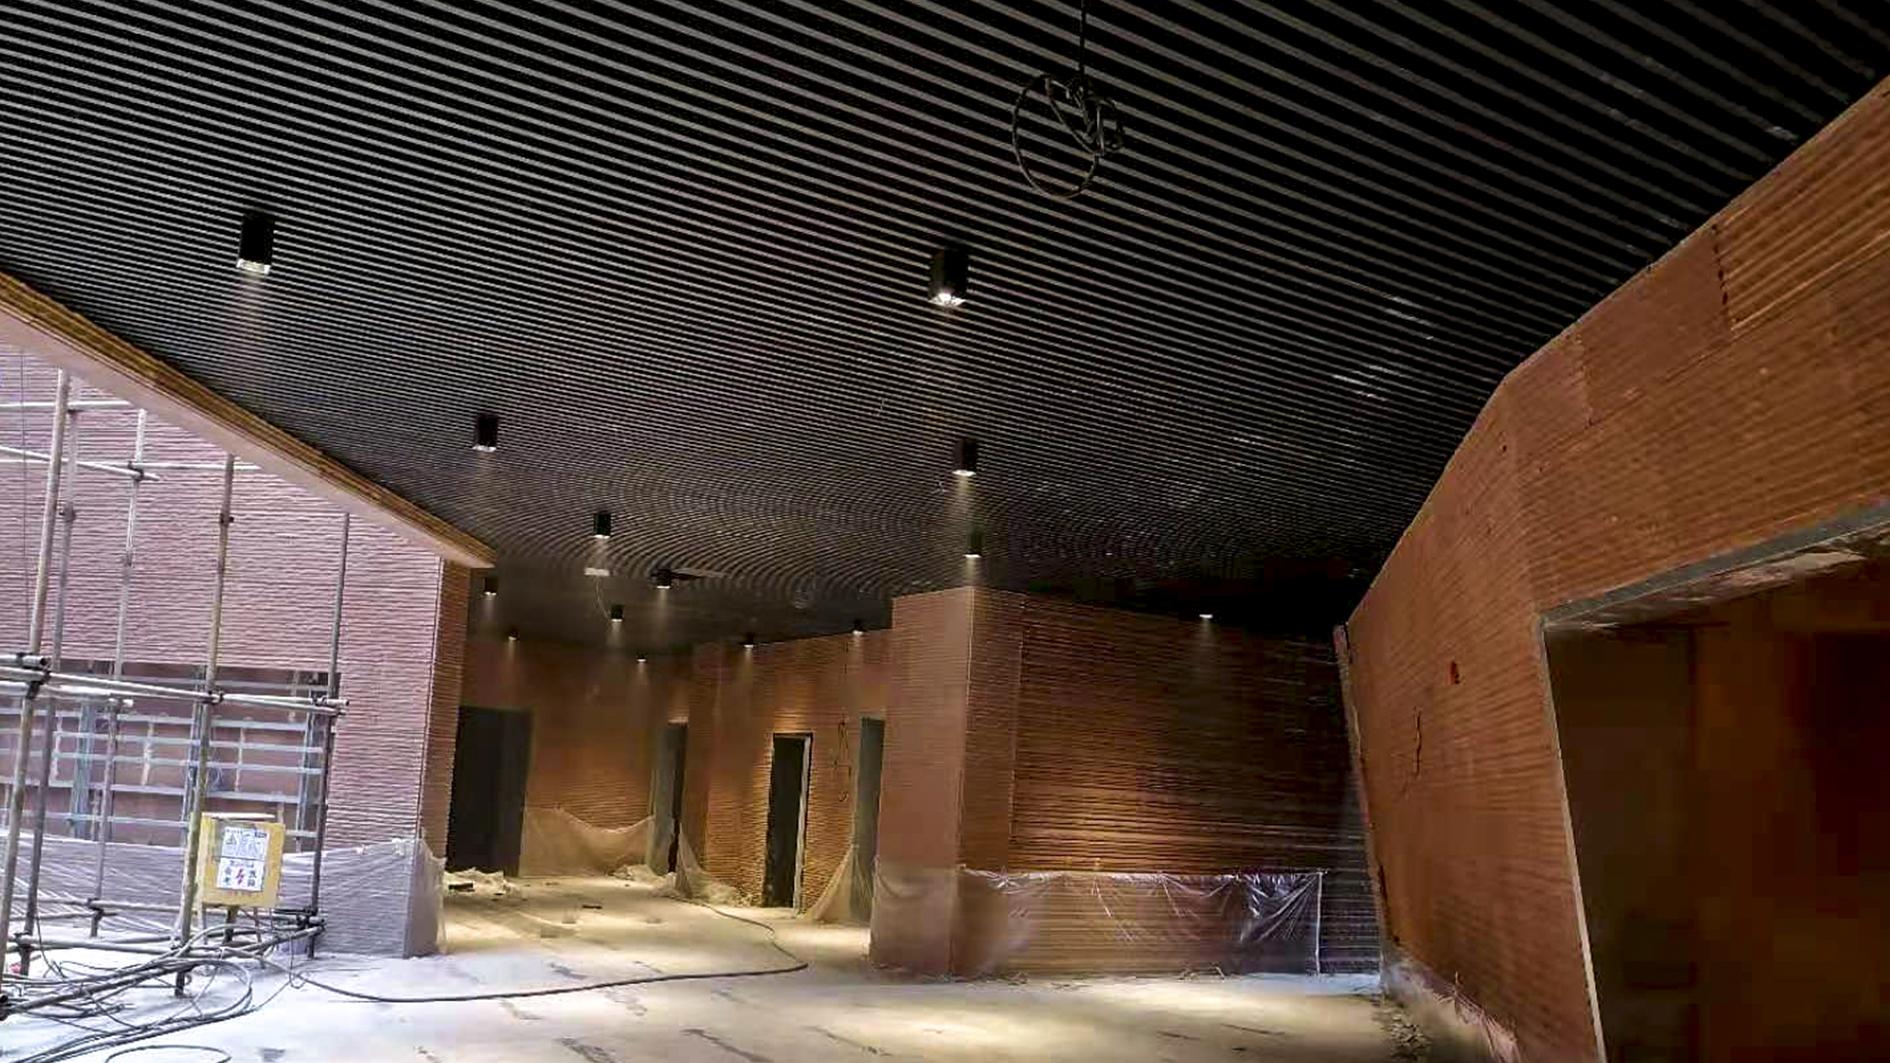 云南省弥勒文化艺术中心